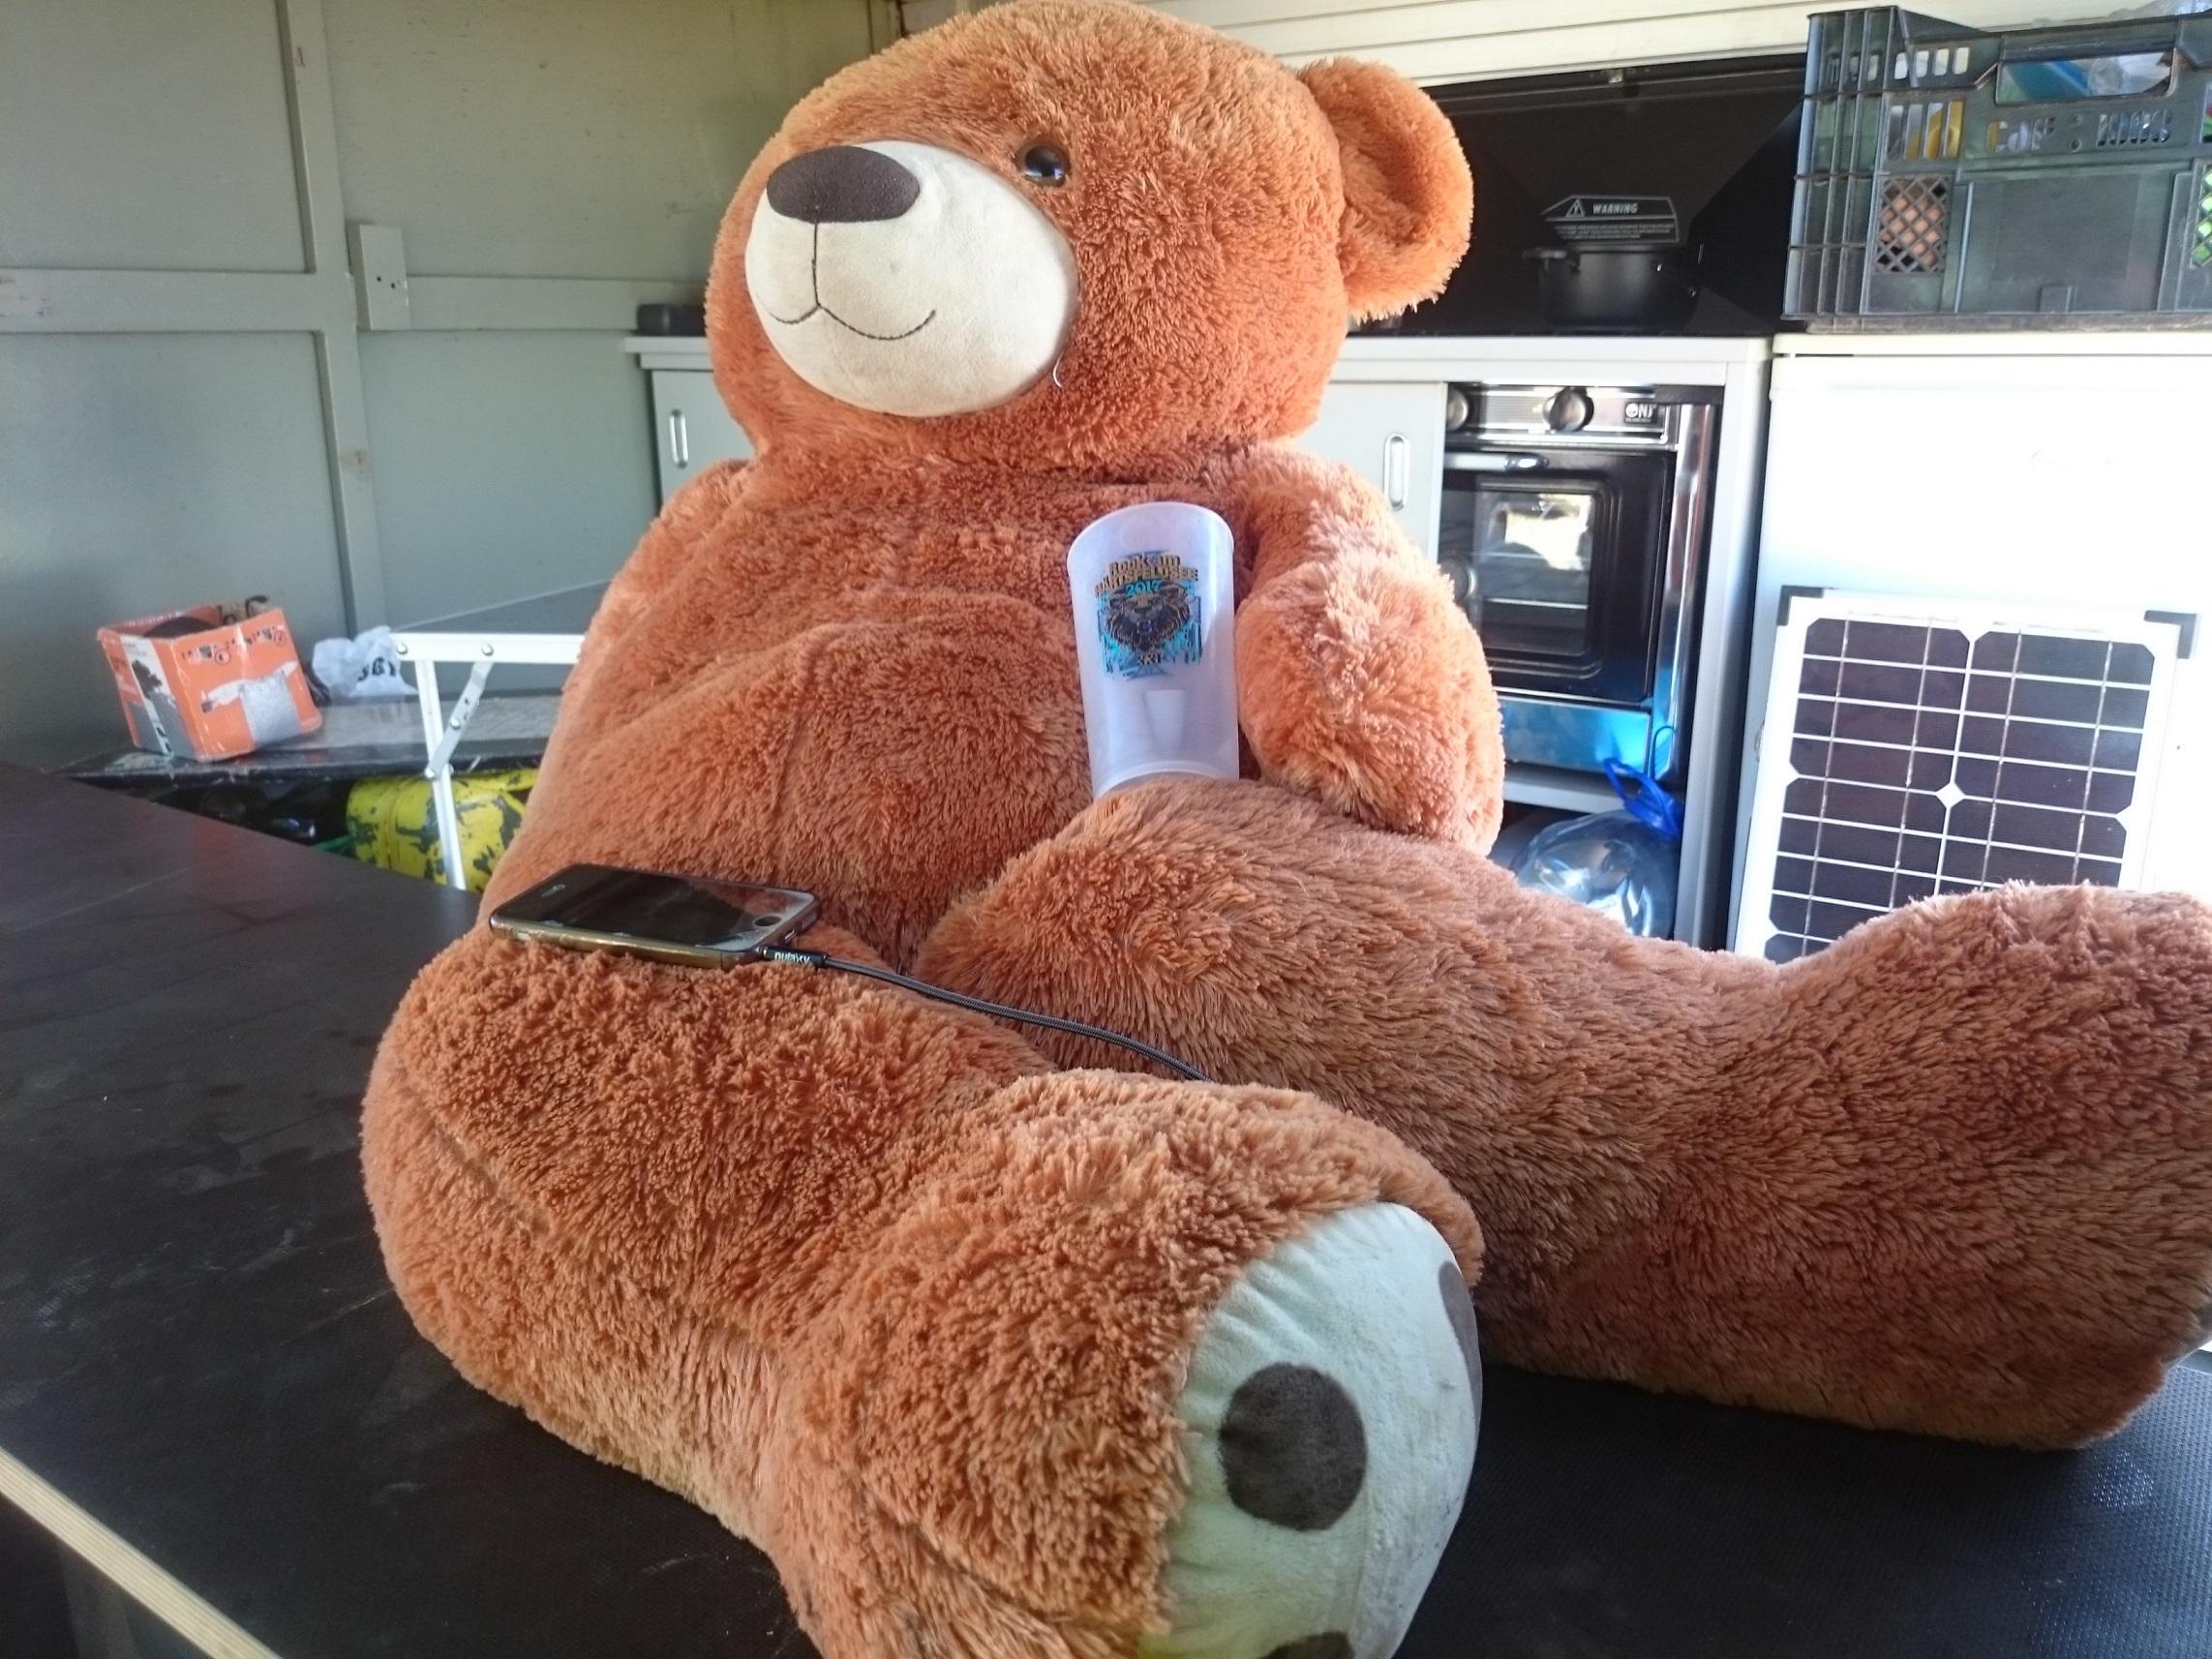 Festivalbär Ted ist jedes Jahr auf dem RaH dabei...